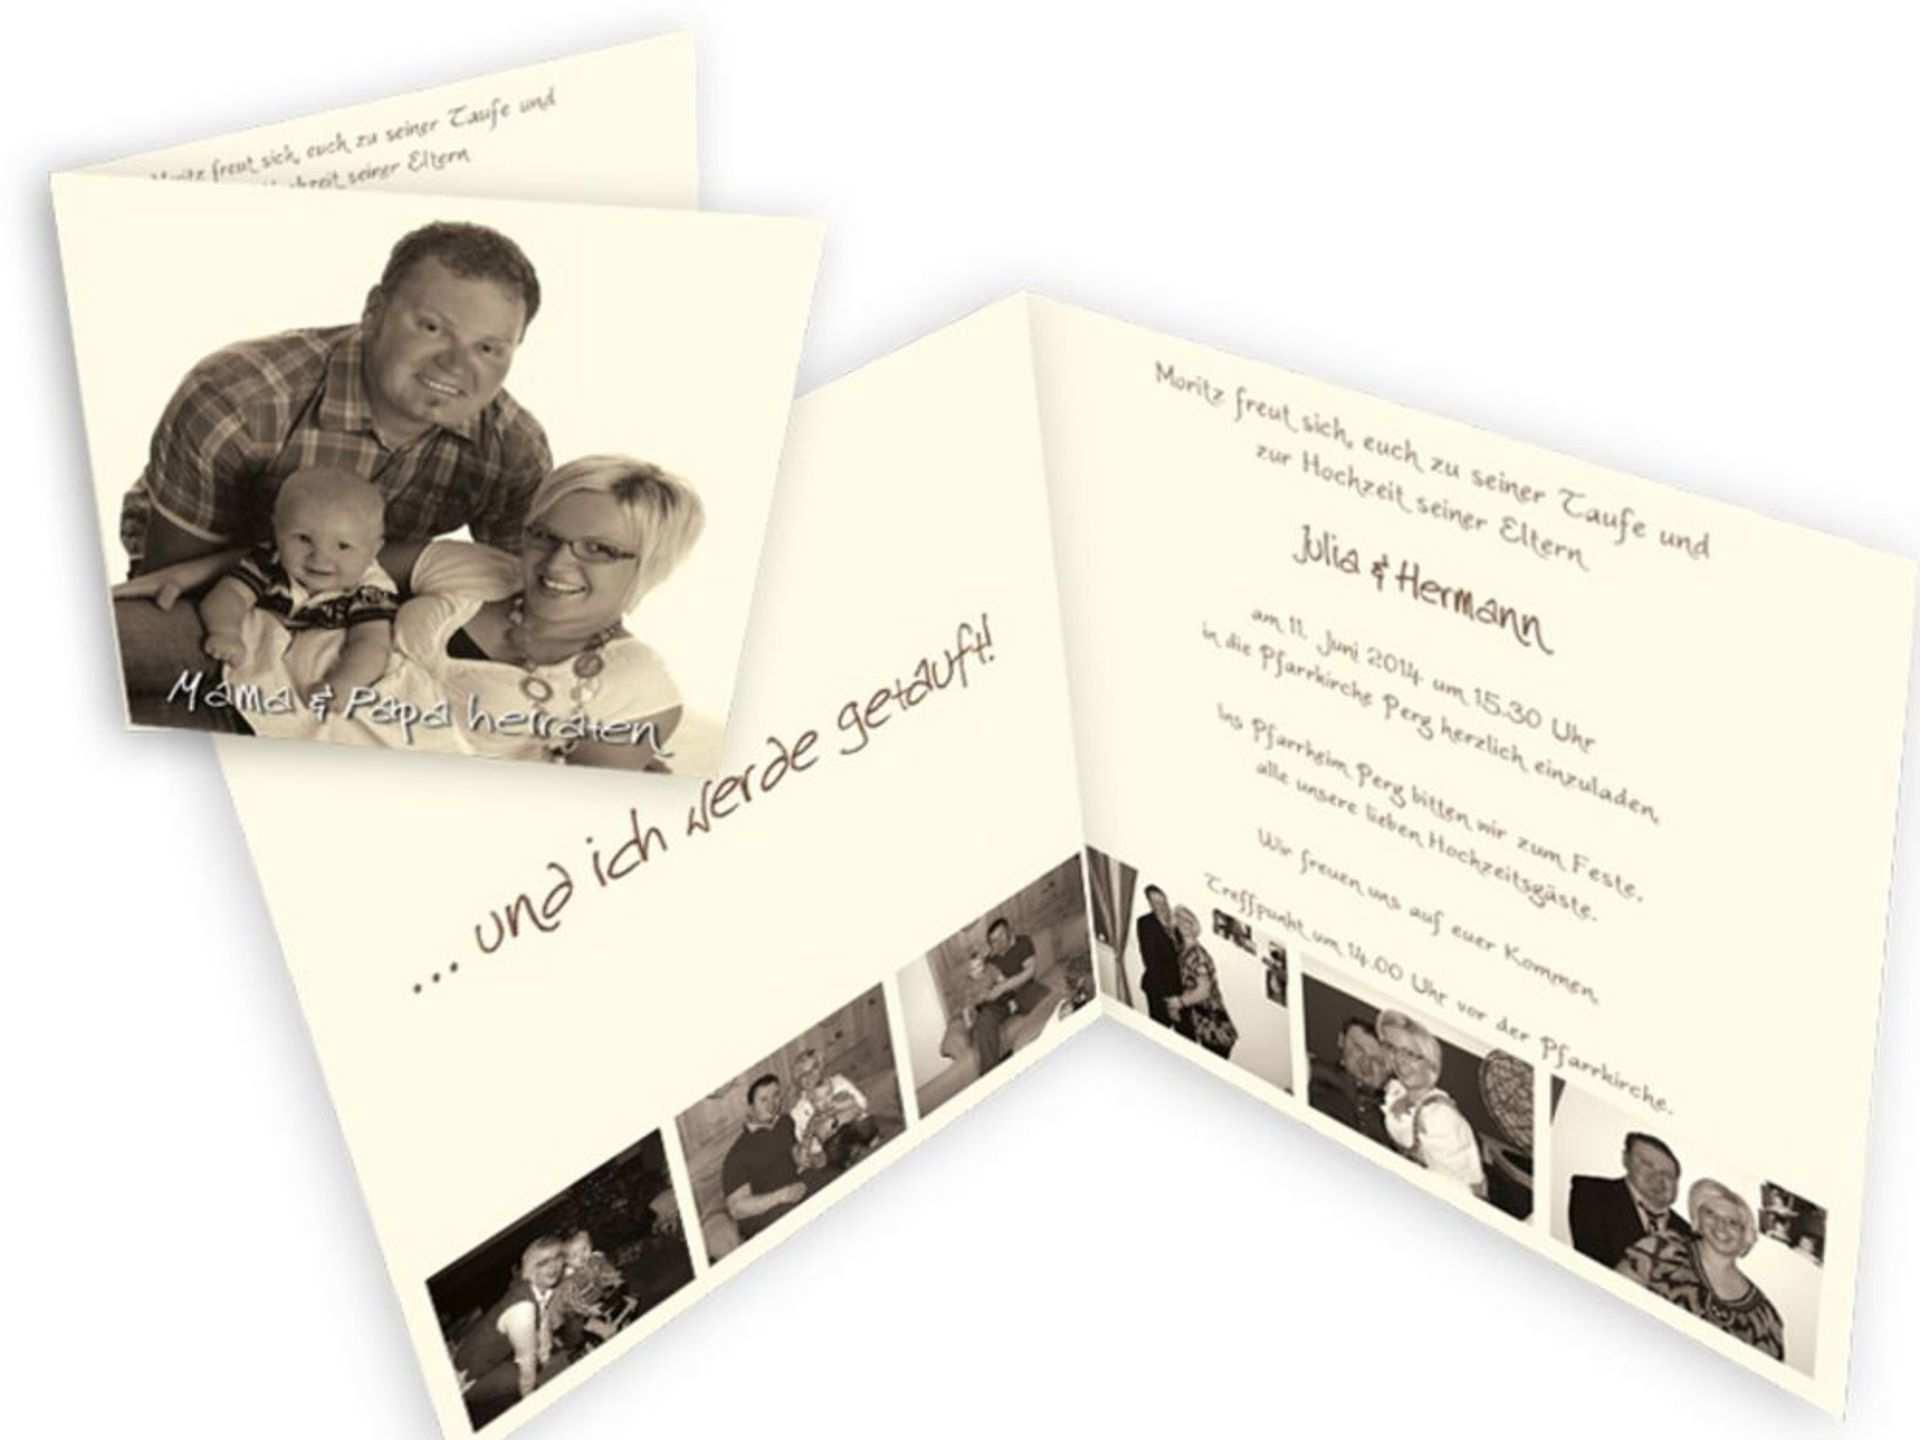 Spezielle Einladungskarten Fur Eine Hochzeit Mit Taufe Einladungskarten Hochzeit Und Tau Einladungskarten Hochzeit Hochzeitseinladung Hochzeitseinladungskarten